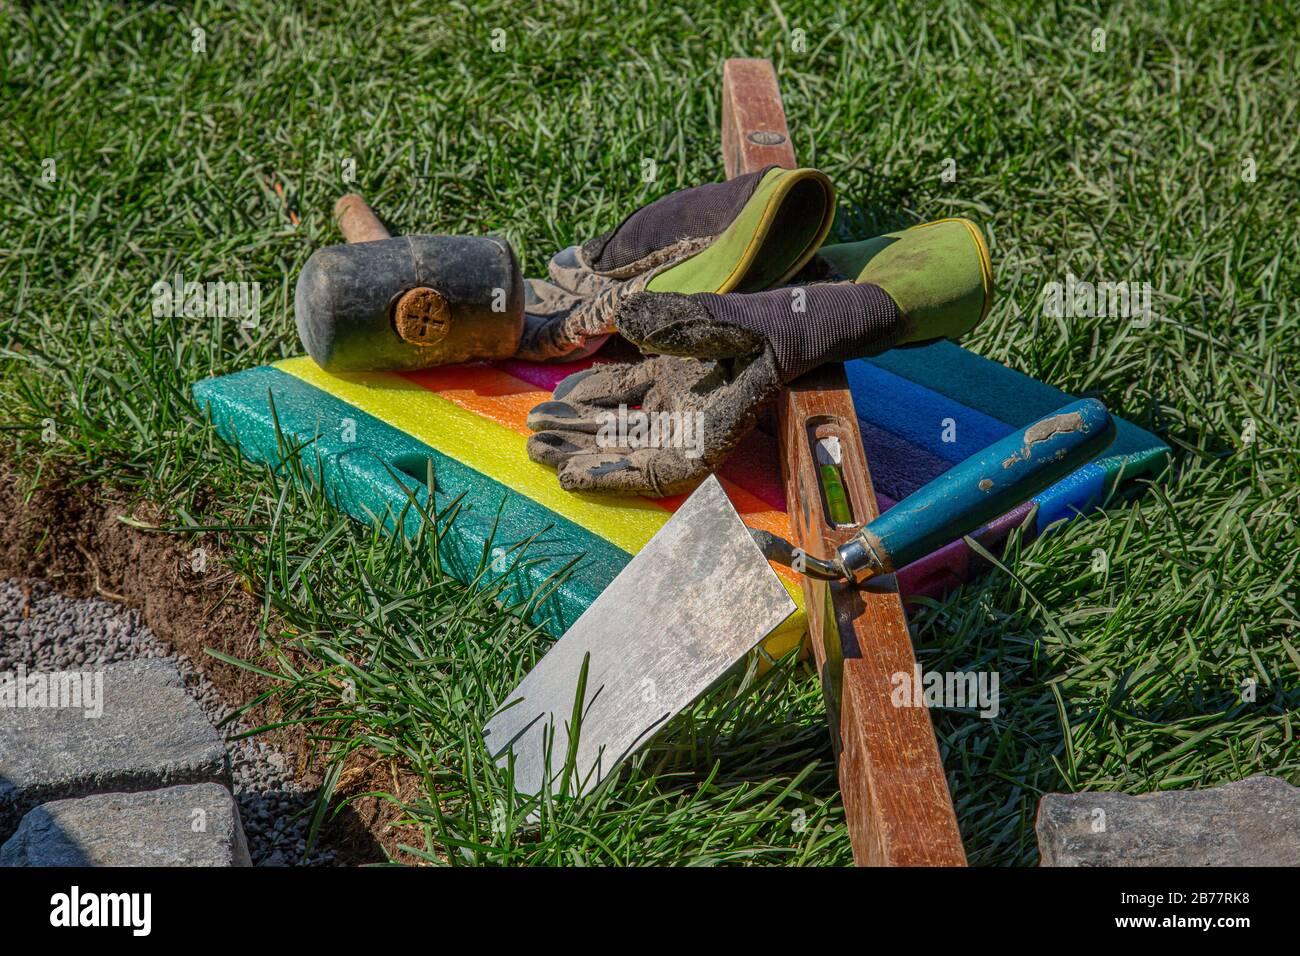 deux gants de travail, un maillet en caoutchouc, un niveau à bulle, une truelle et un tampon en mousse allongé dans l'herbe pendant une rupture en plaçant des pavés Banque D'Images